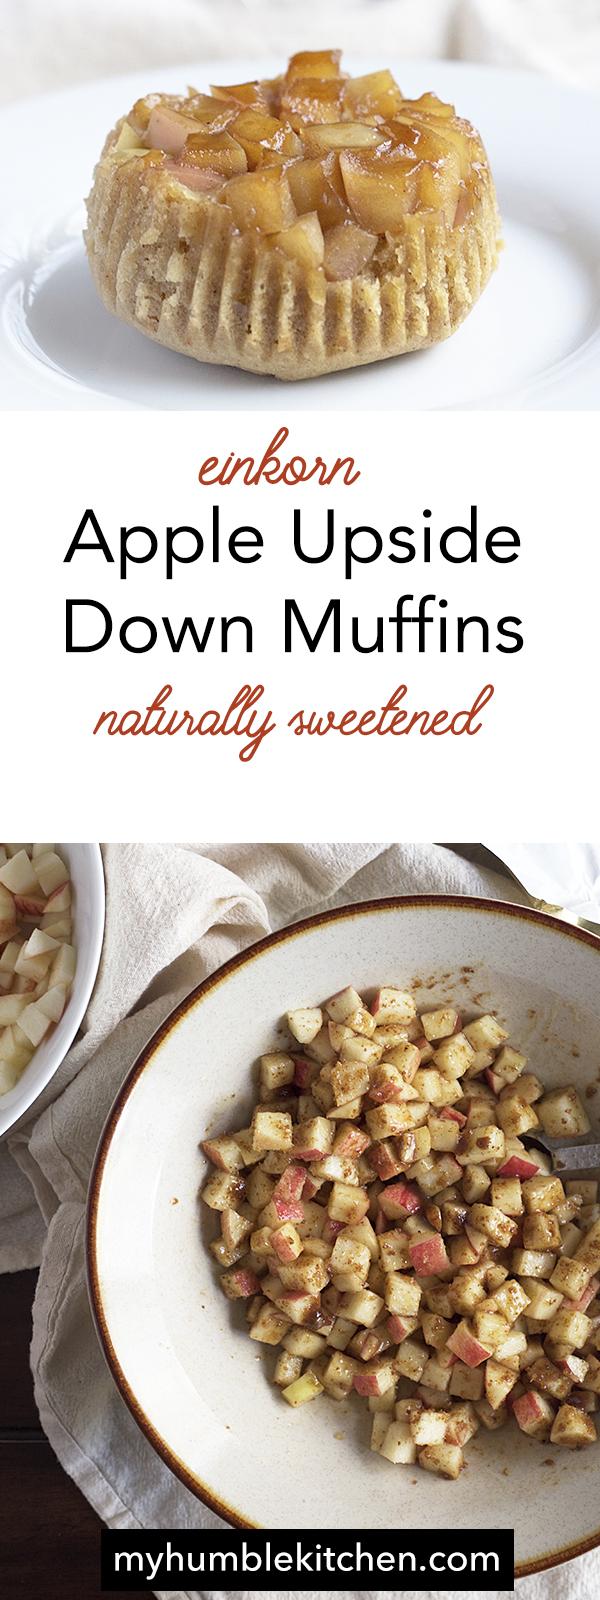 Apple Upside-Down Muffins, Einkorn and Naturally Sweetened | muhumblekitchen.com